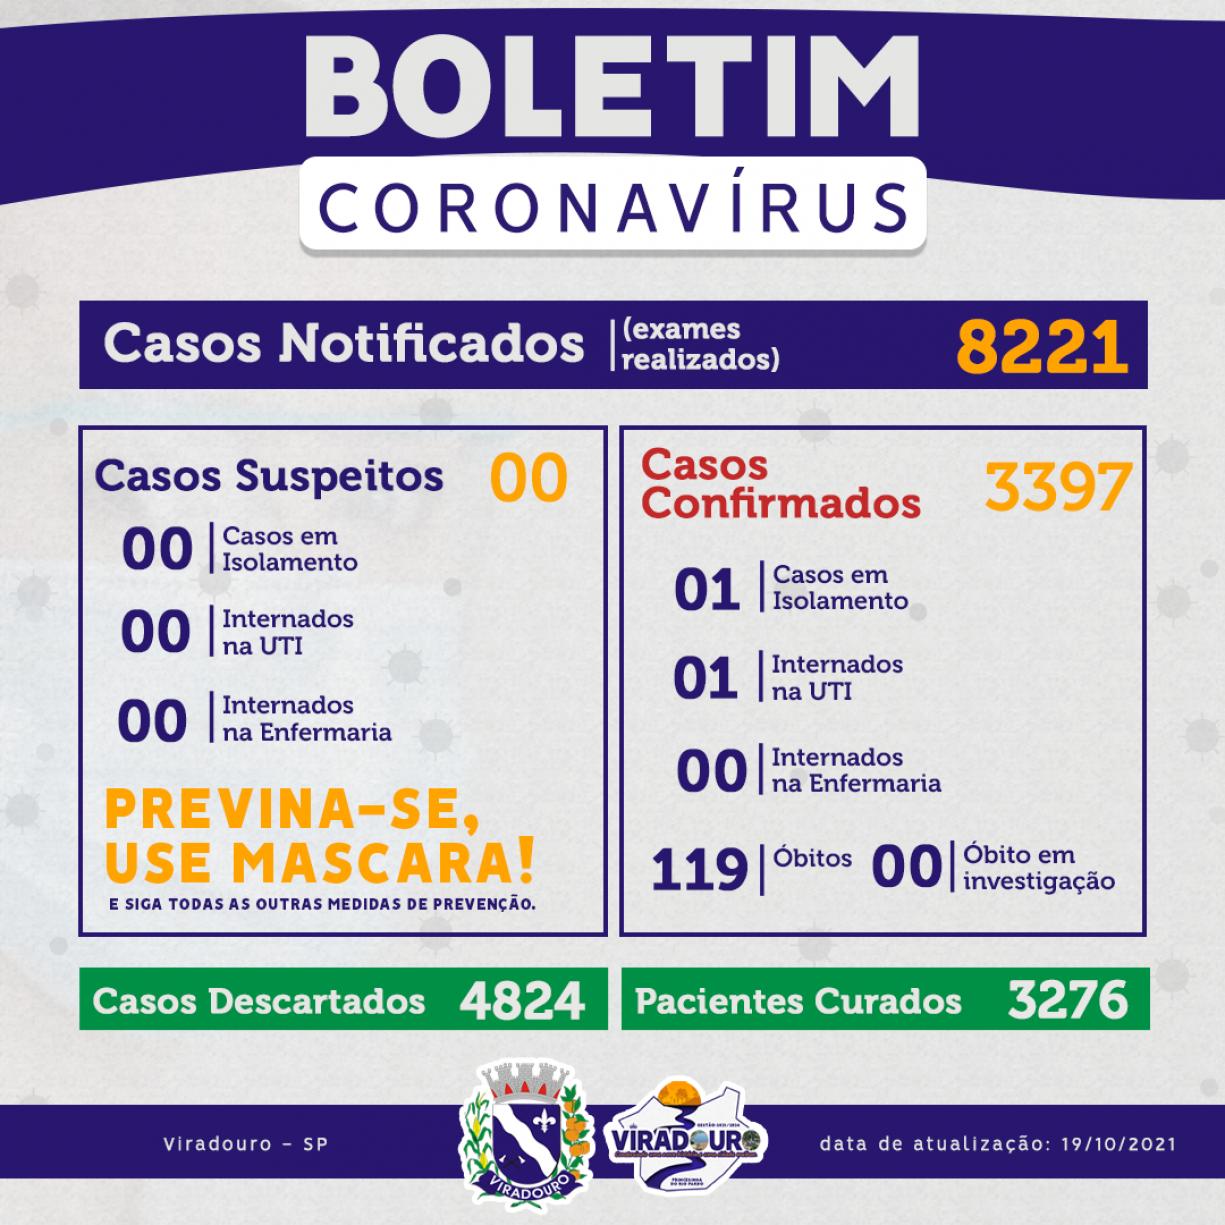 CORONAVÍRUS: BOLETIM EPIDEMIOLÓGICO (ATUALIZAÇÃO 19/10/2021)